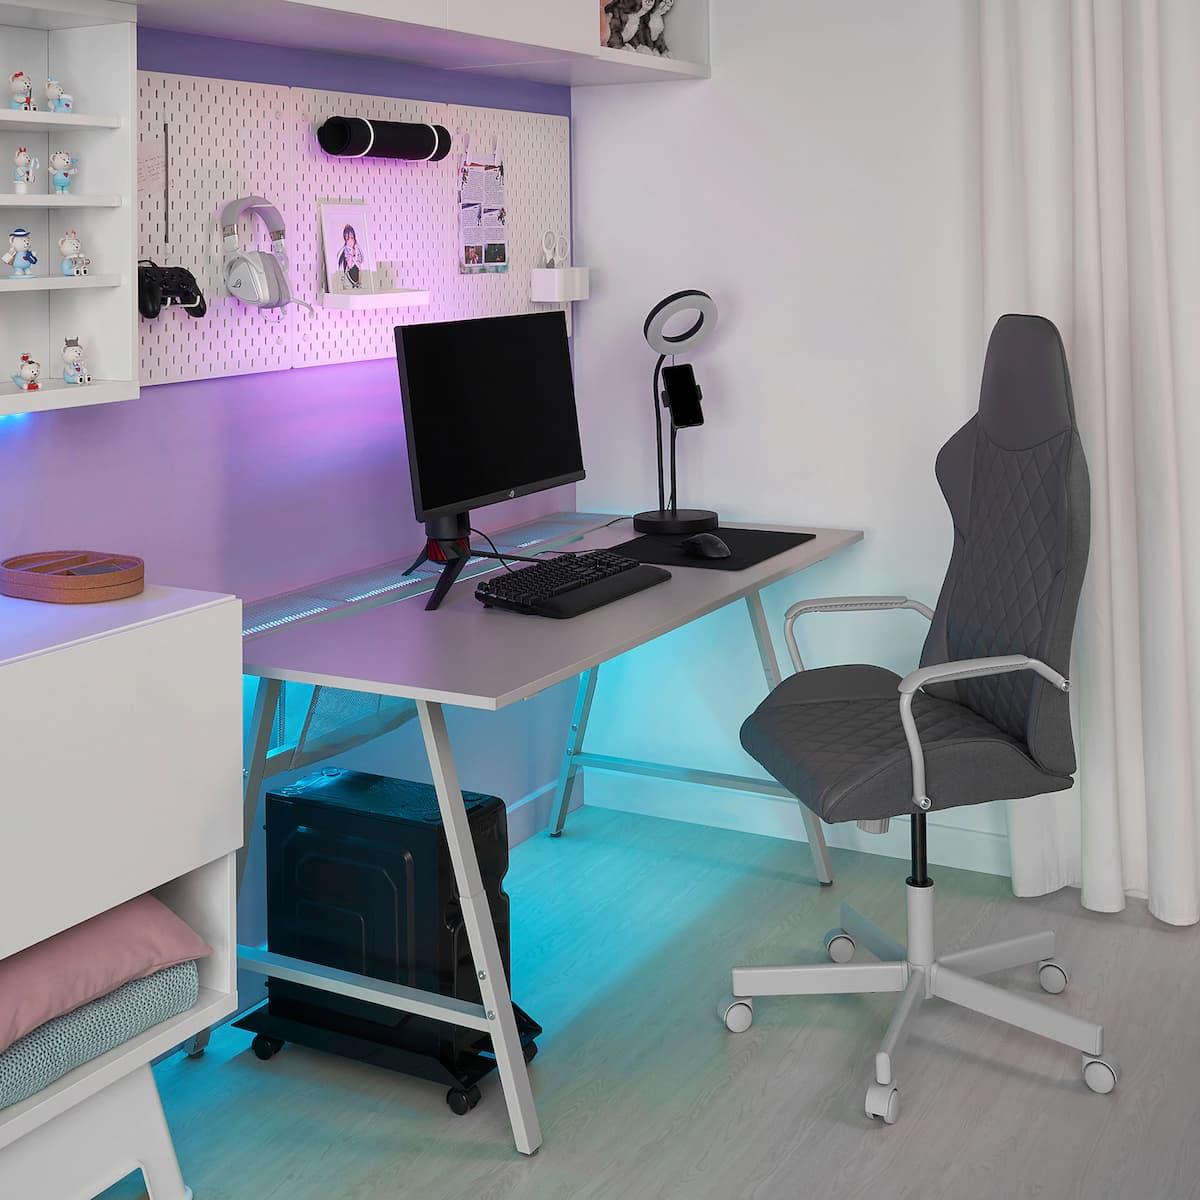 UTESPELARE gaming desk(Light gray)